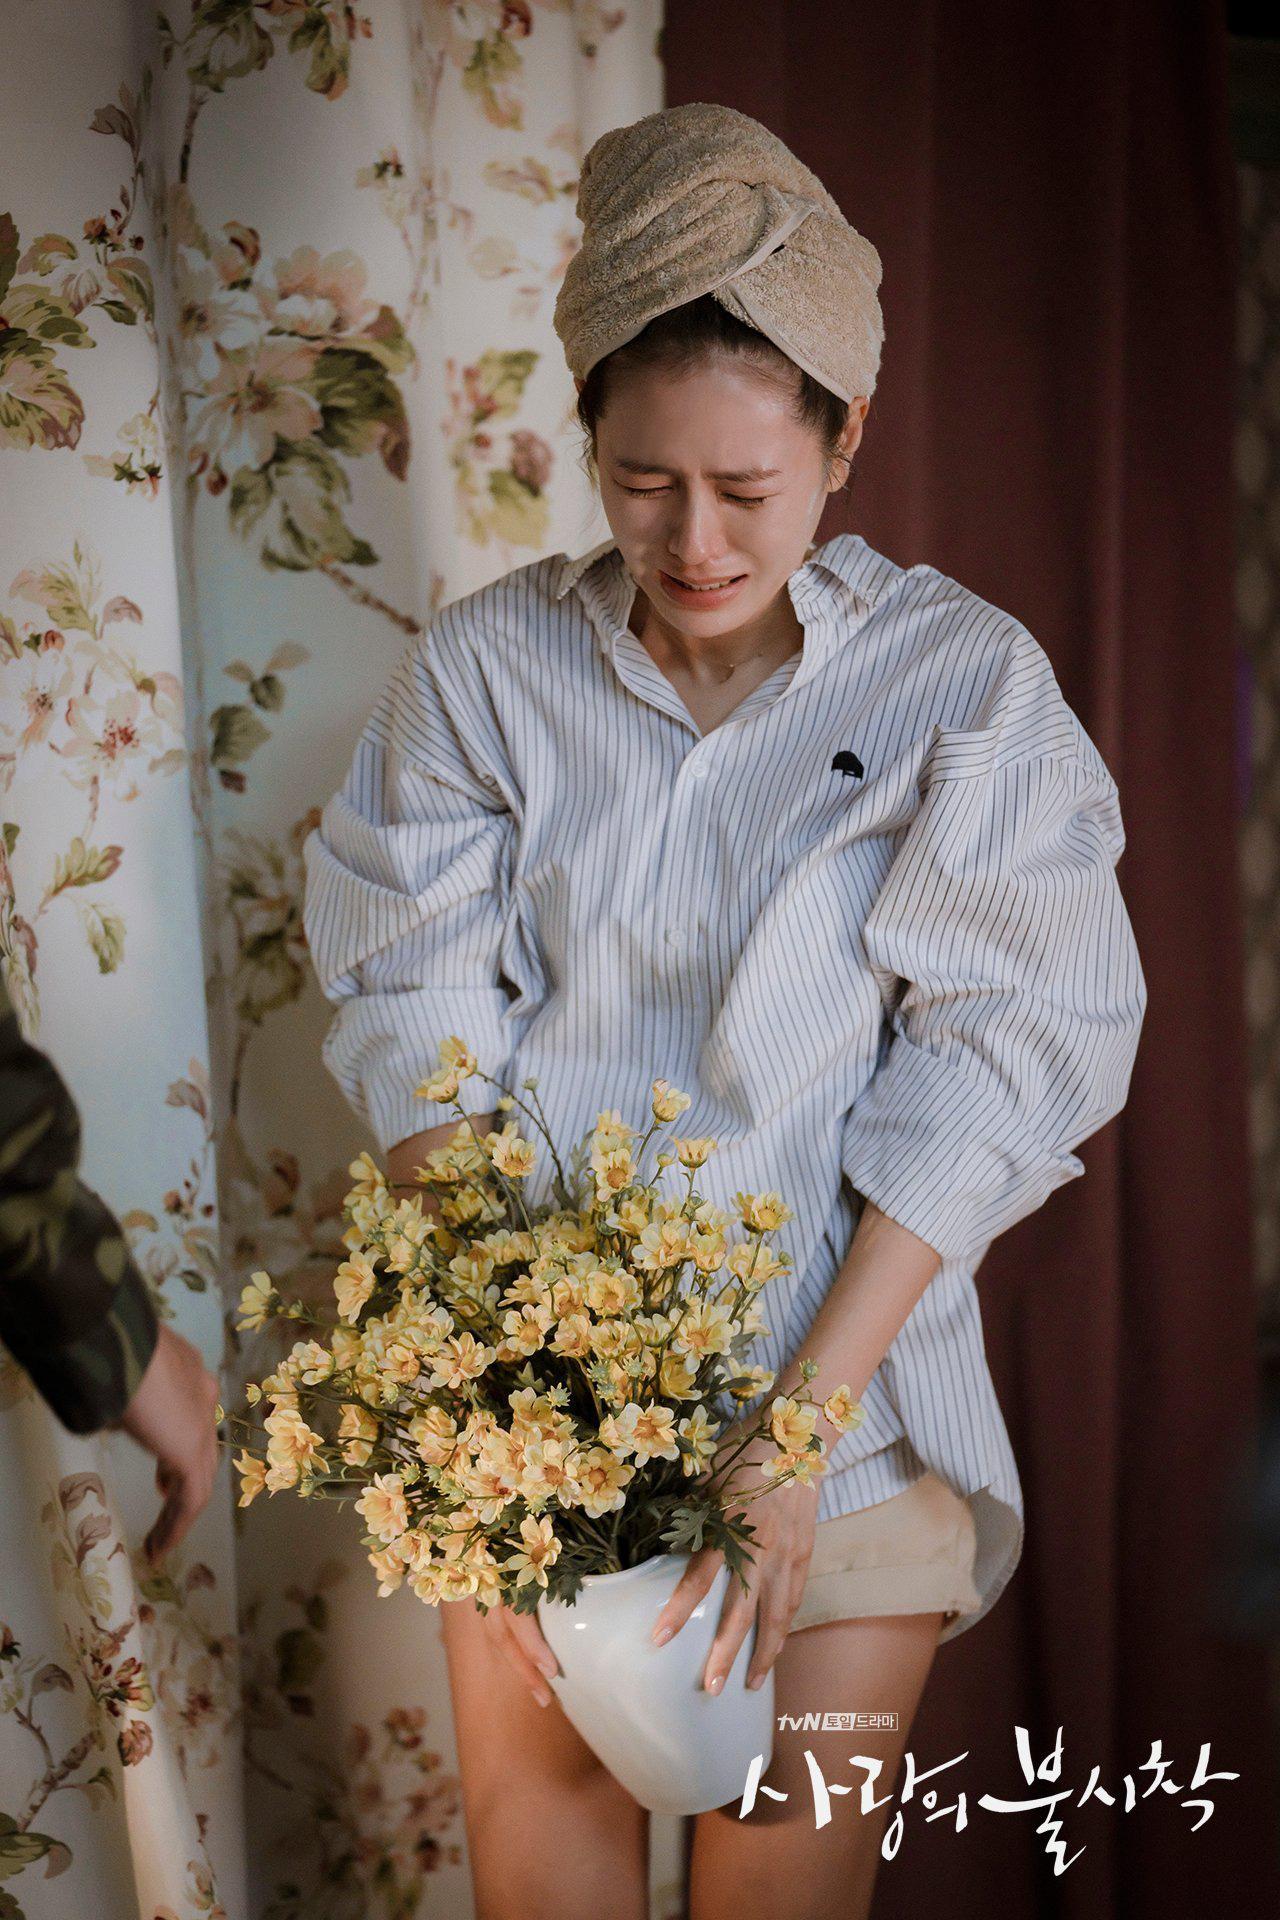 Ngắm là muốn sắm bằng hết 4 mẫu áo sơ mi/blouse được hai chị đẹp lăng xê trong Crash Landing On You-13